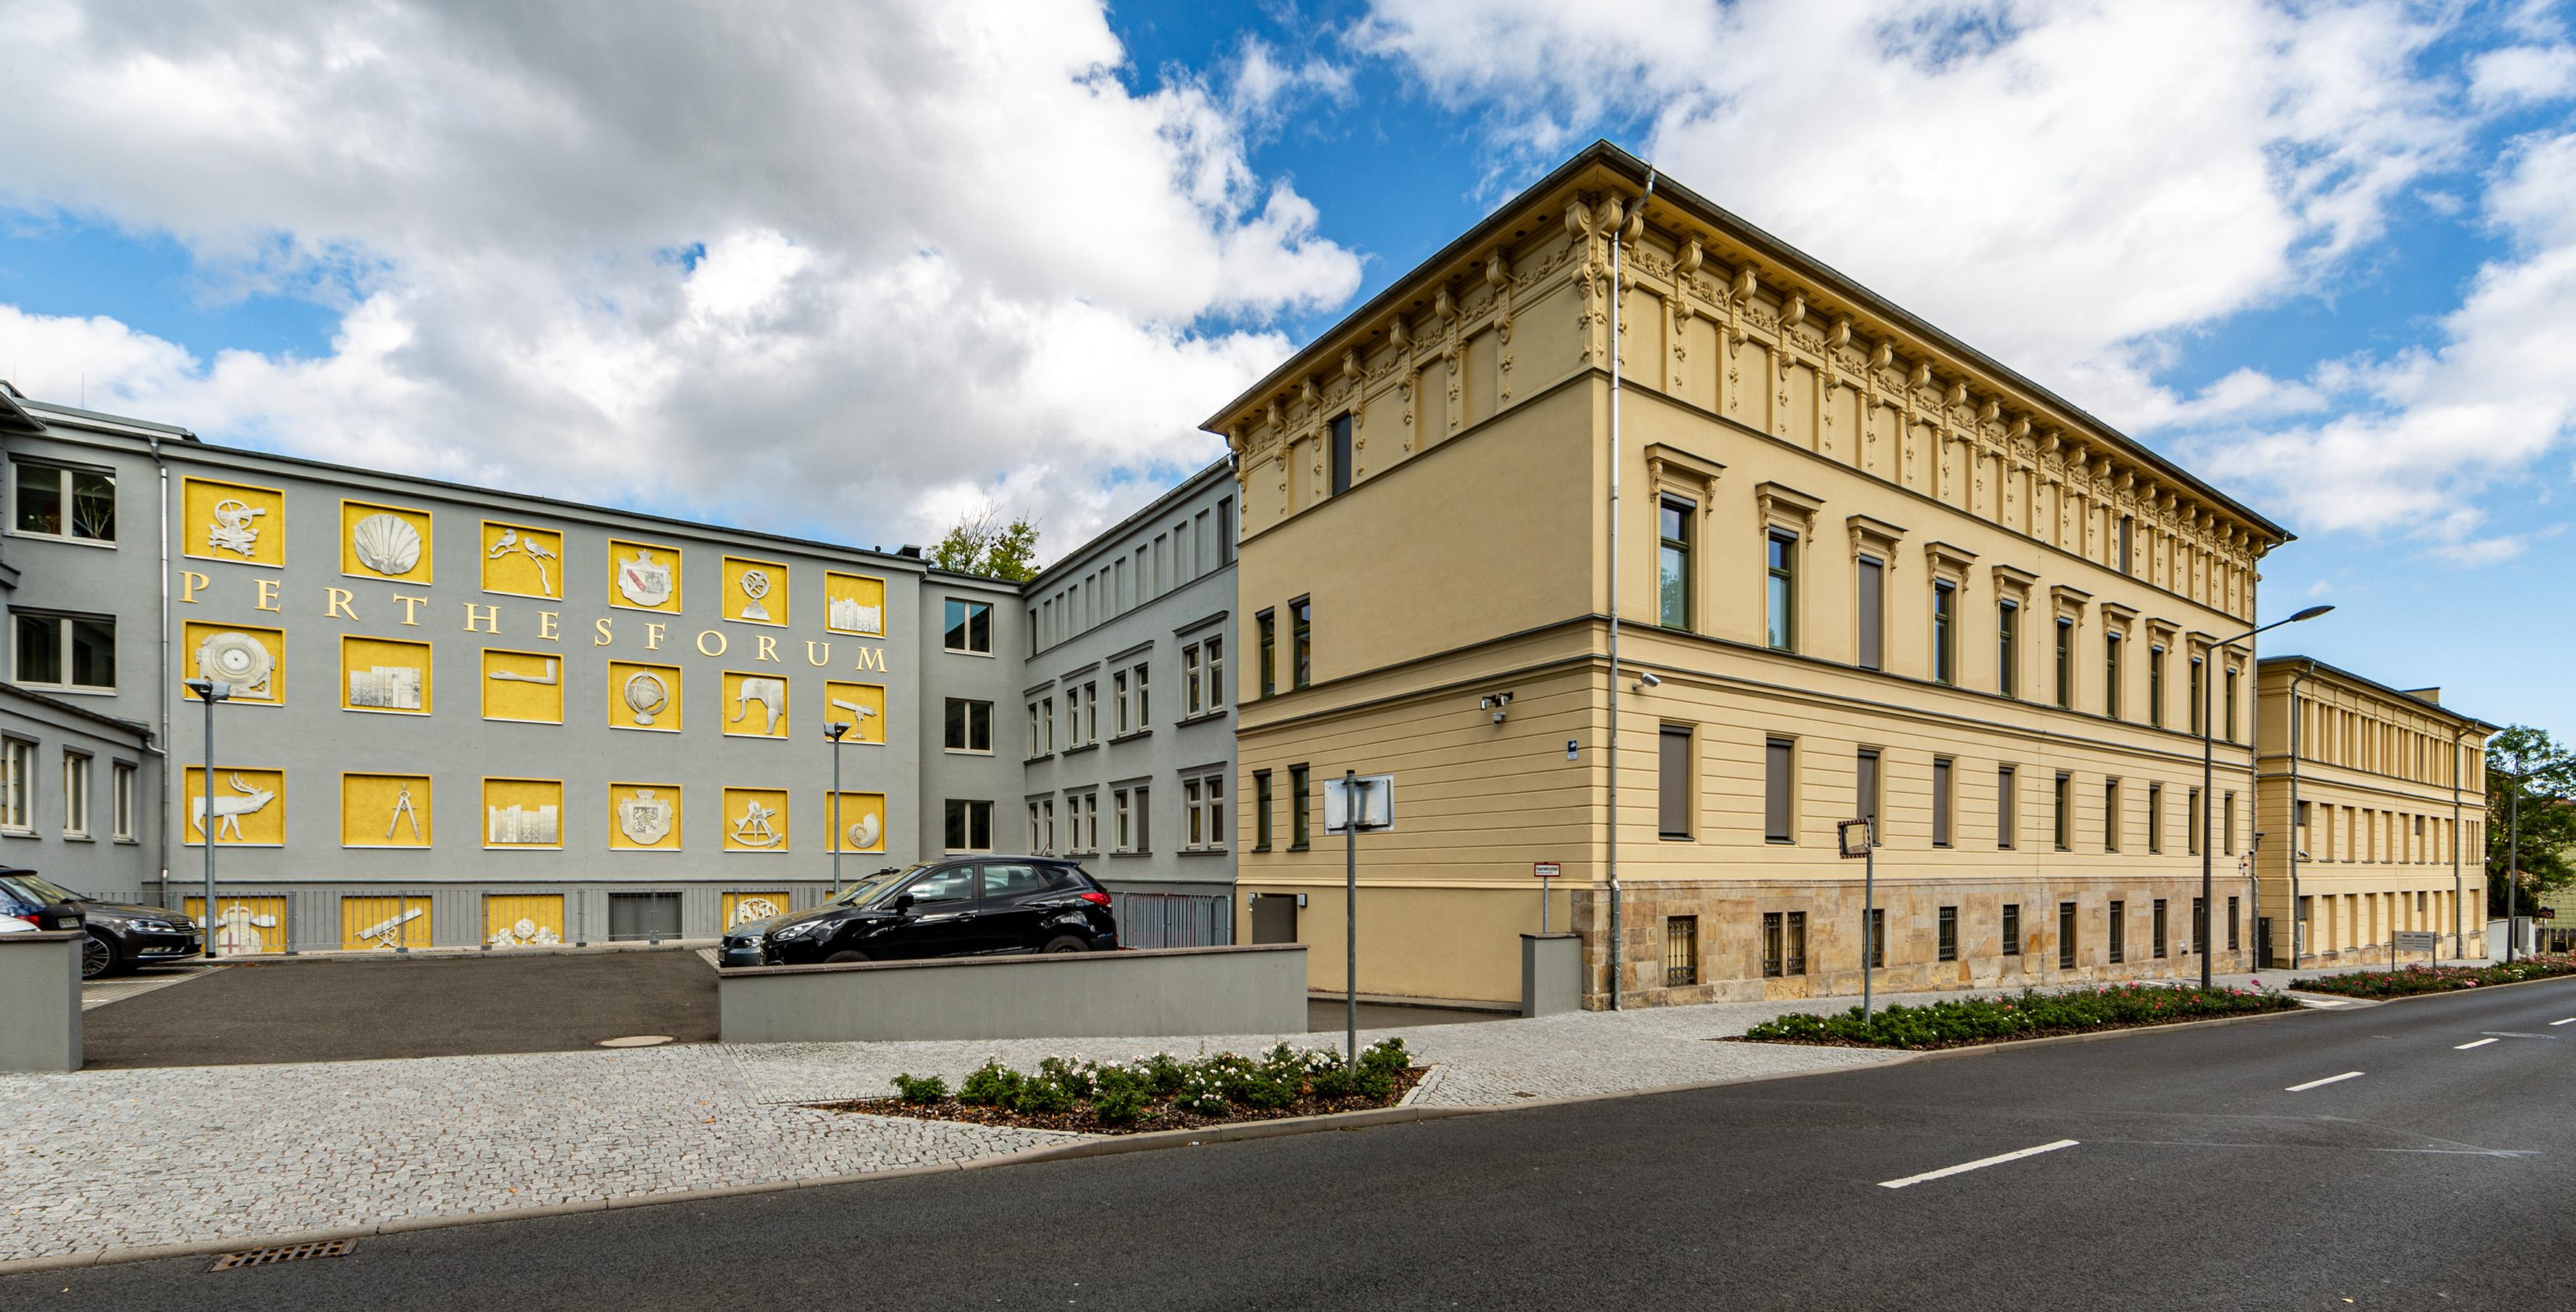 Dreistöckiges historisches Verlagsgebäude. Straßenseitig gelb verputzt mit Verzierungen. Links ein zurückgesetzter grau verputzer Flügel mit Schriftzug und gelb hinterlegten Ornamenten.